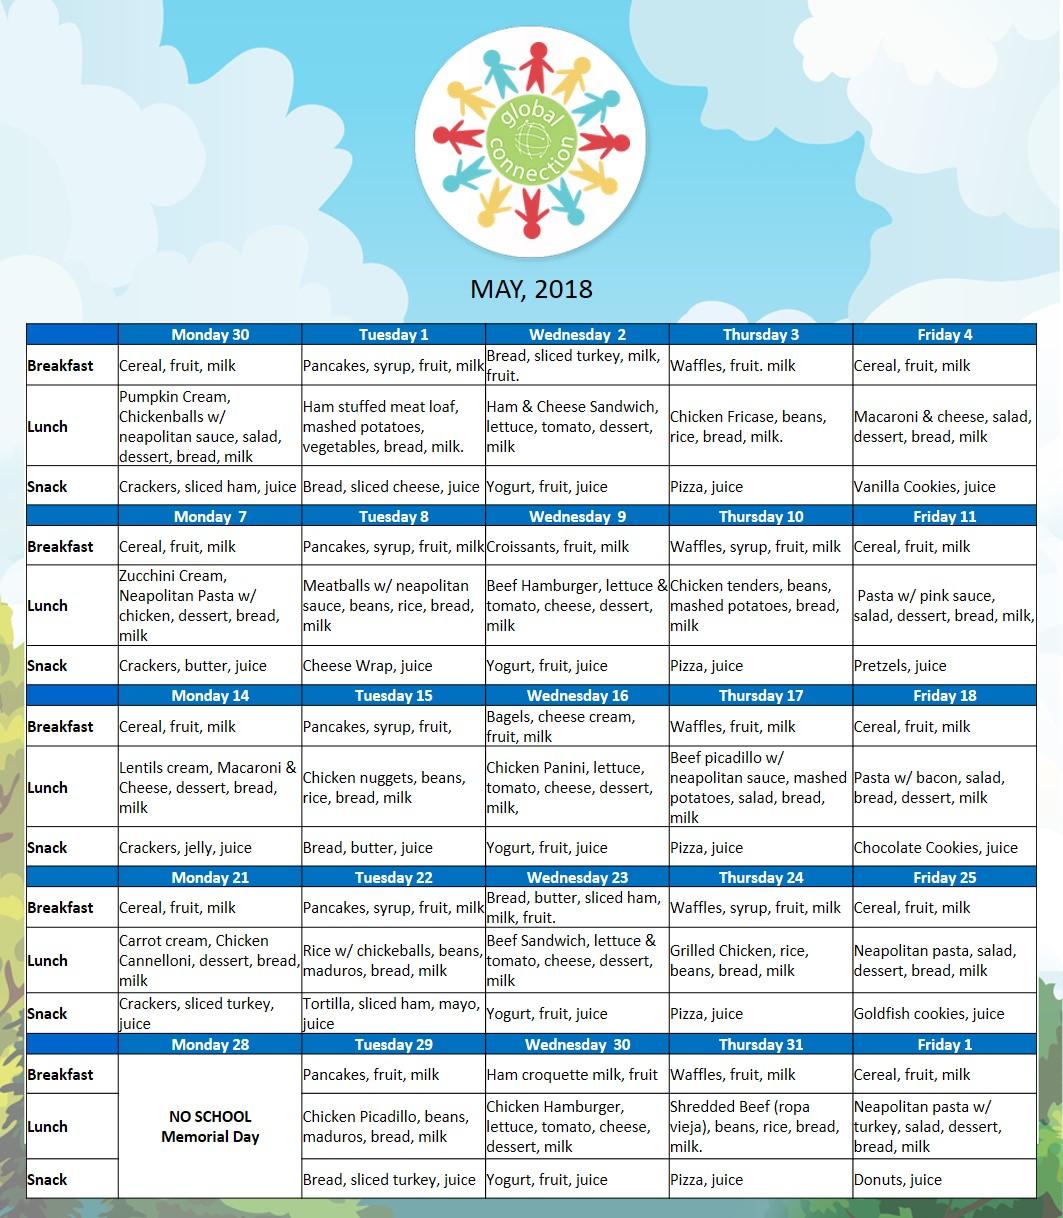 menu-may2018-gcp.jpg